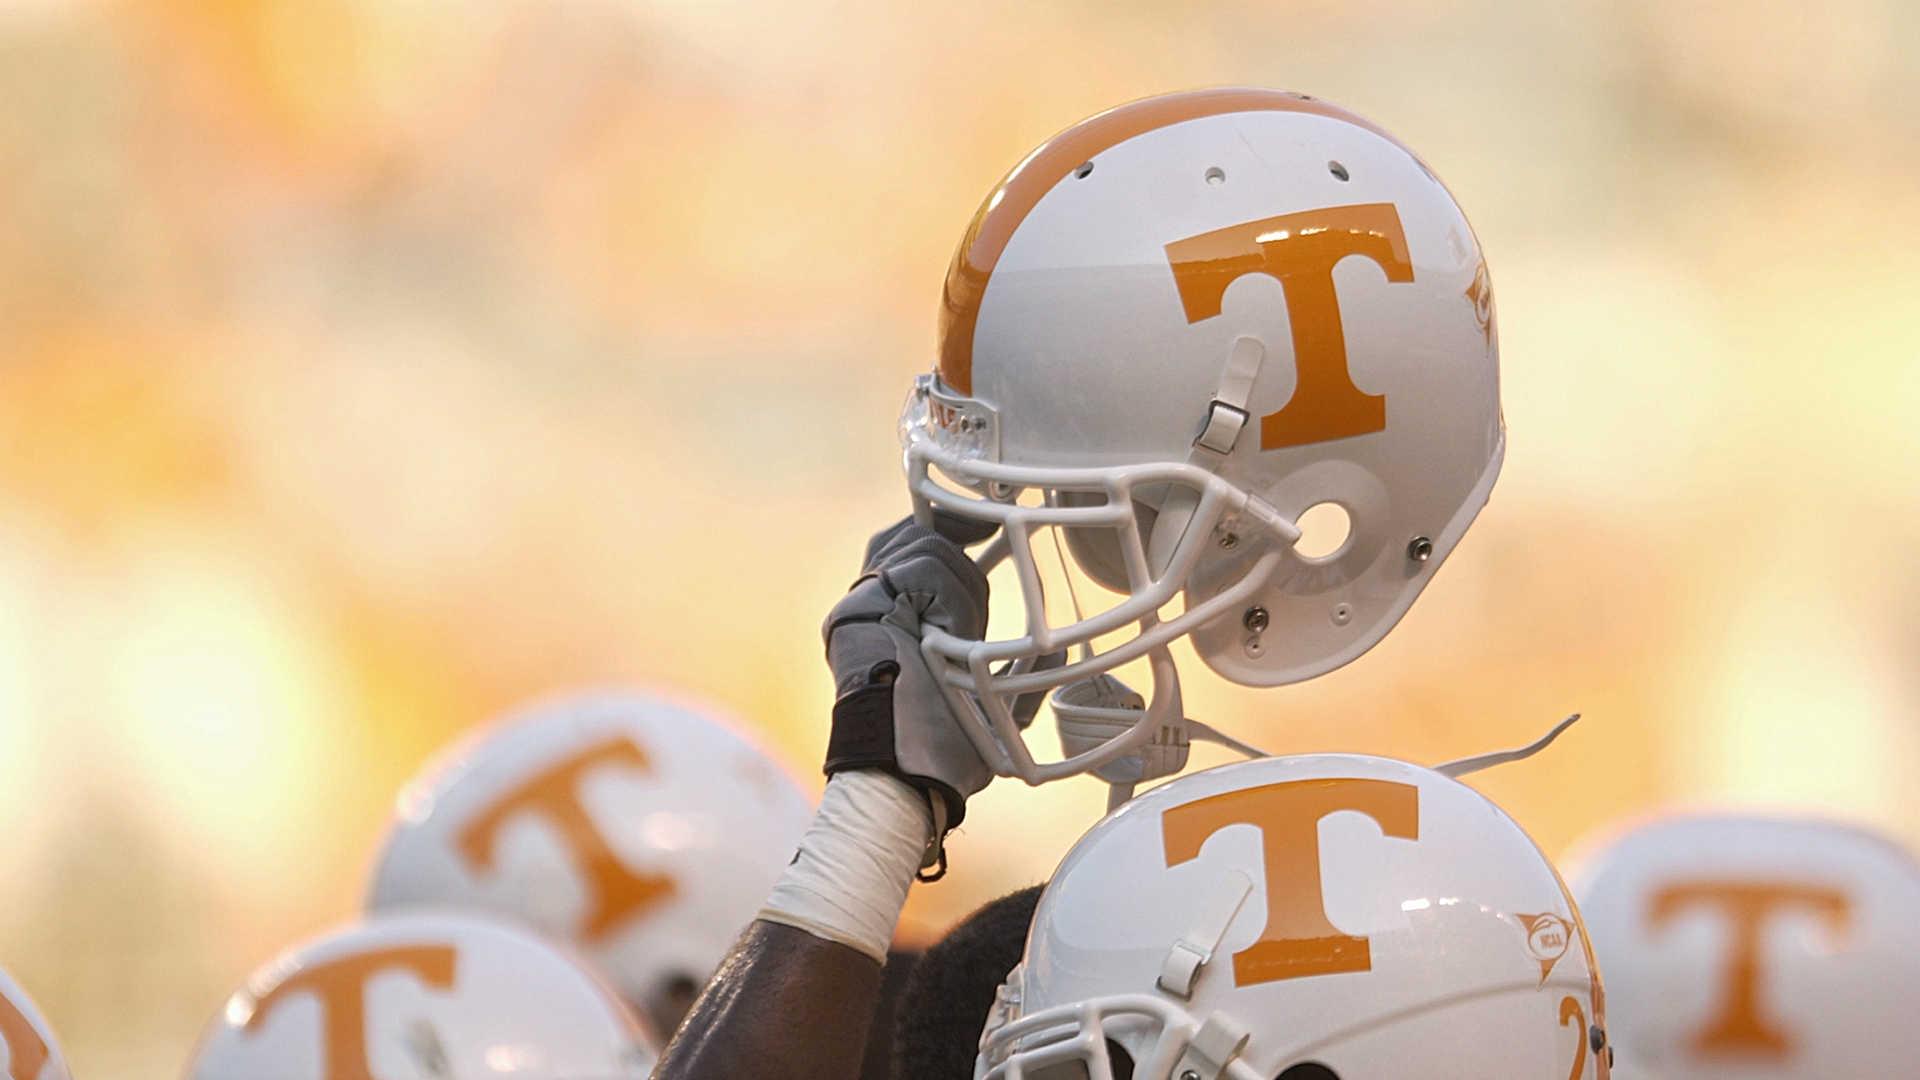 Tennessee-helmet-120917-getty-ftr_9igvqqw2isjj1eiaf6otzpq4k